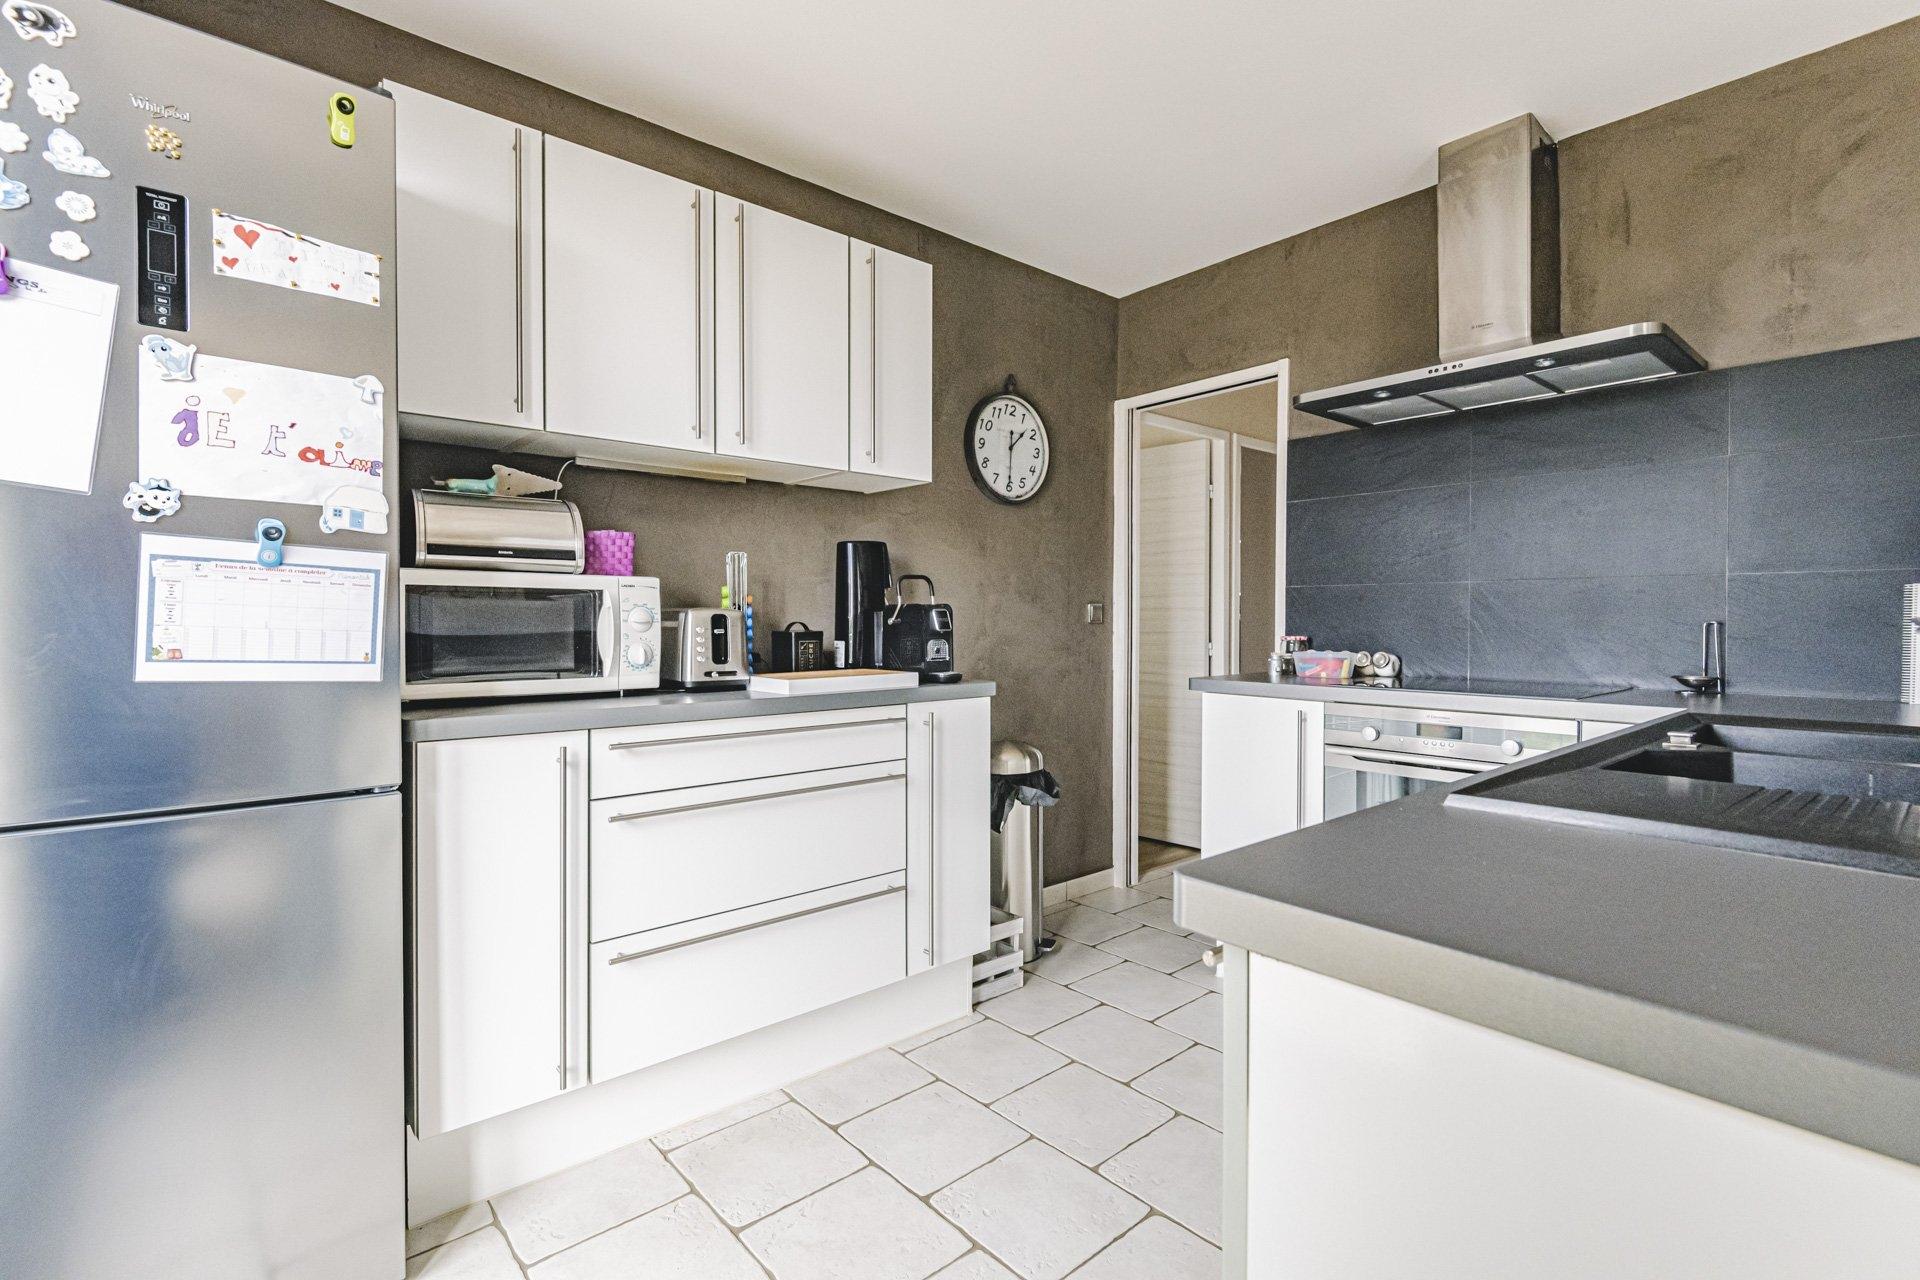 Maison Bouleuse 6 Pièces 140 m2 - 5